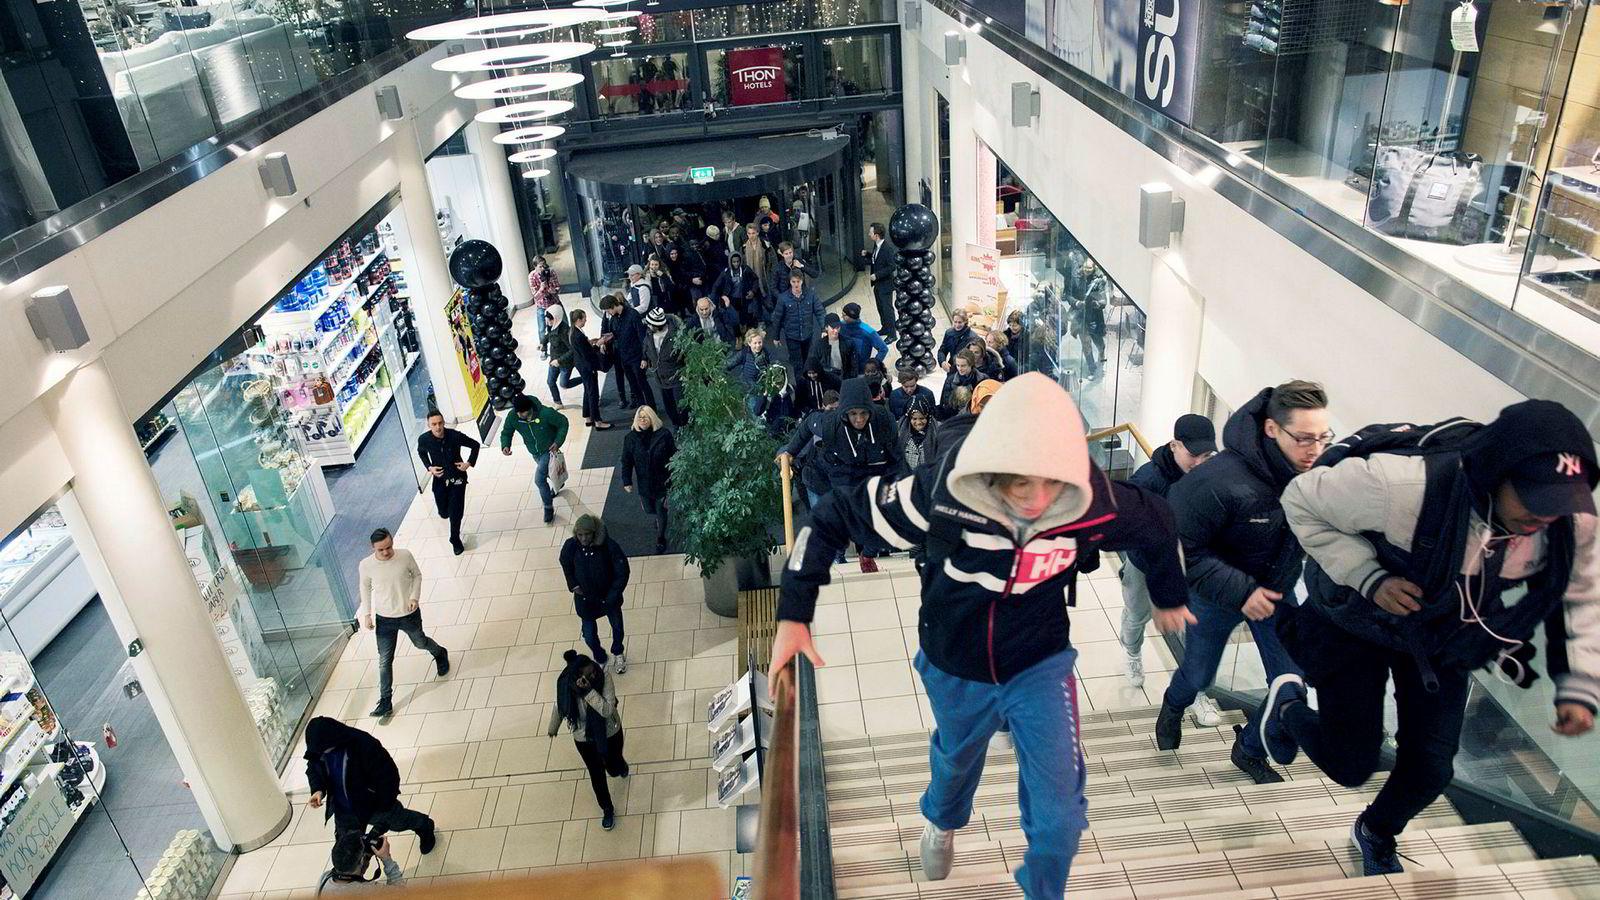 «Black Friday» i Sandvika - Sandvika Storsenter åpner dørene for publikum klokken sju på Black Friday i den nye delen av kjøpesenteret.